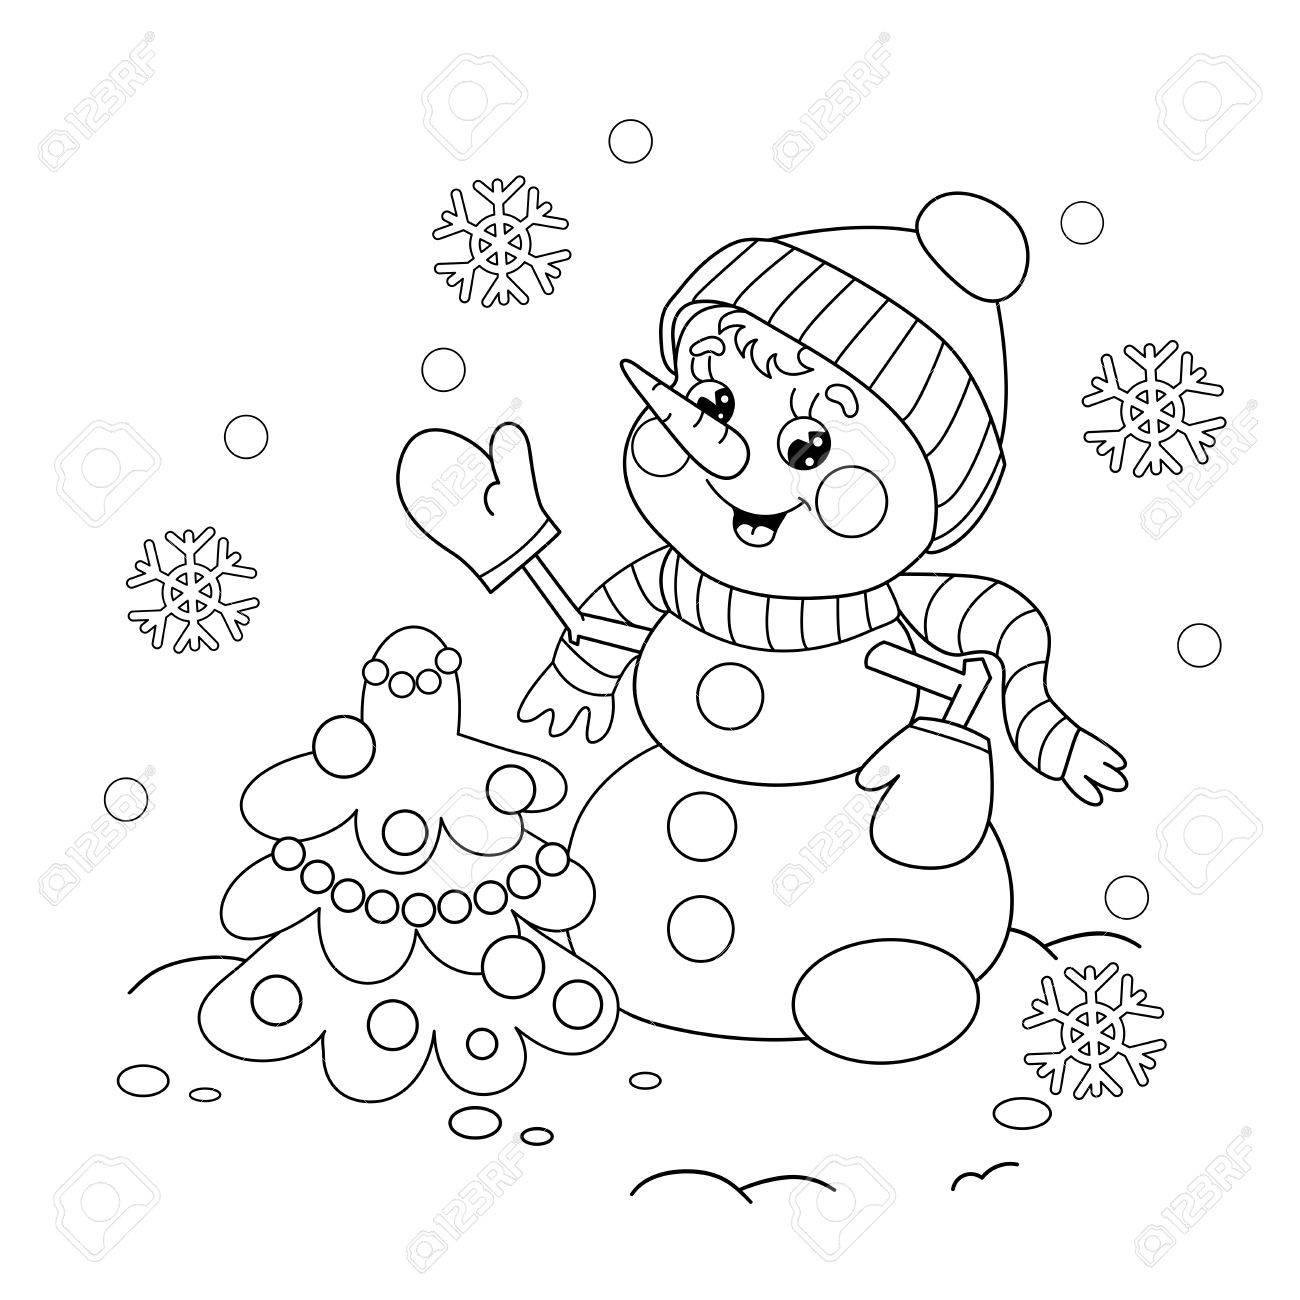 ページ概要の漫画雪だるまとクリスマス ツリーのぬりえ冬の子供のため